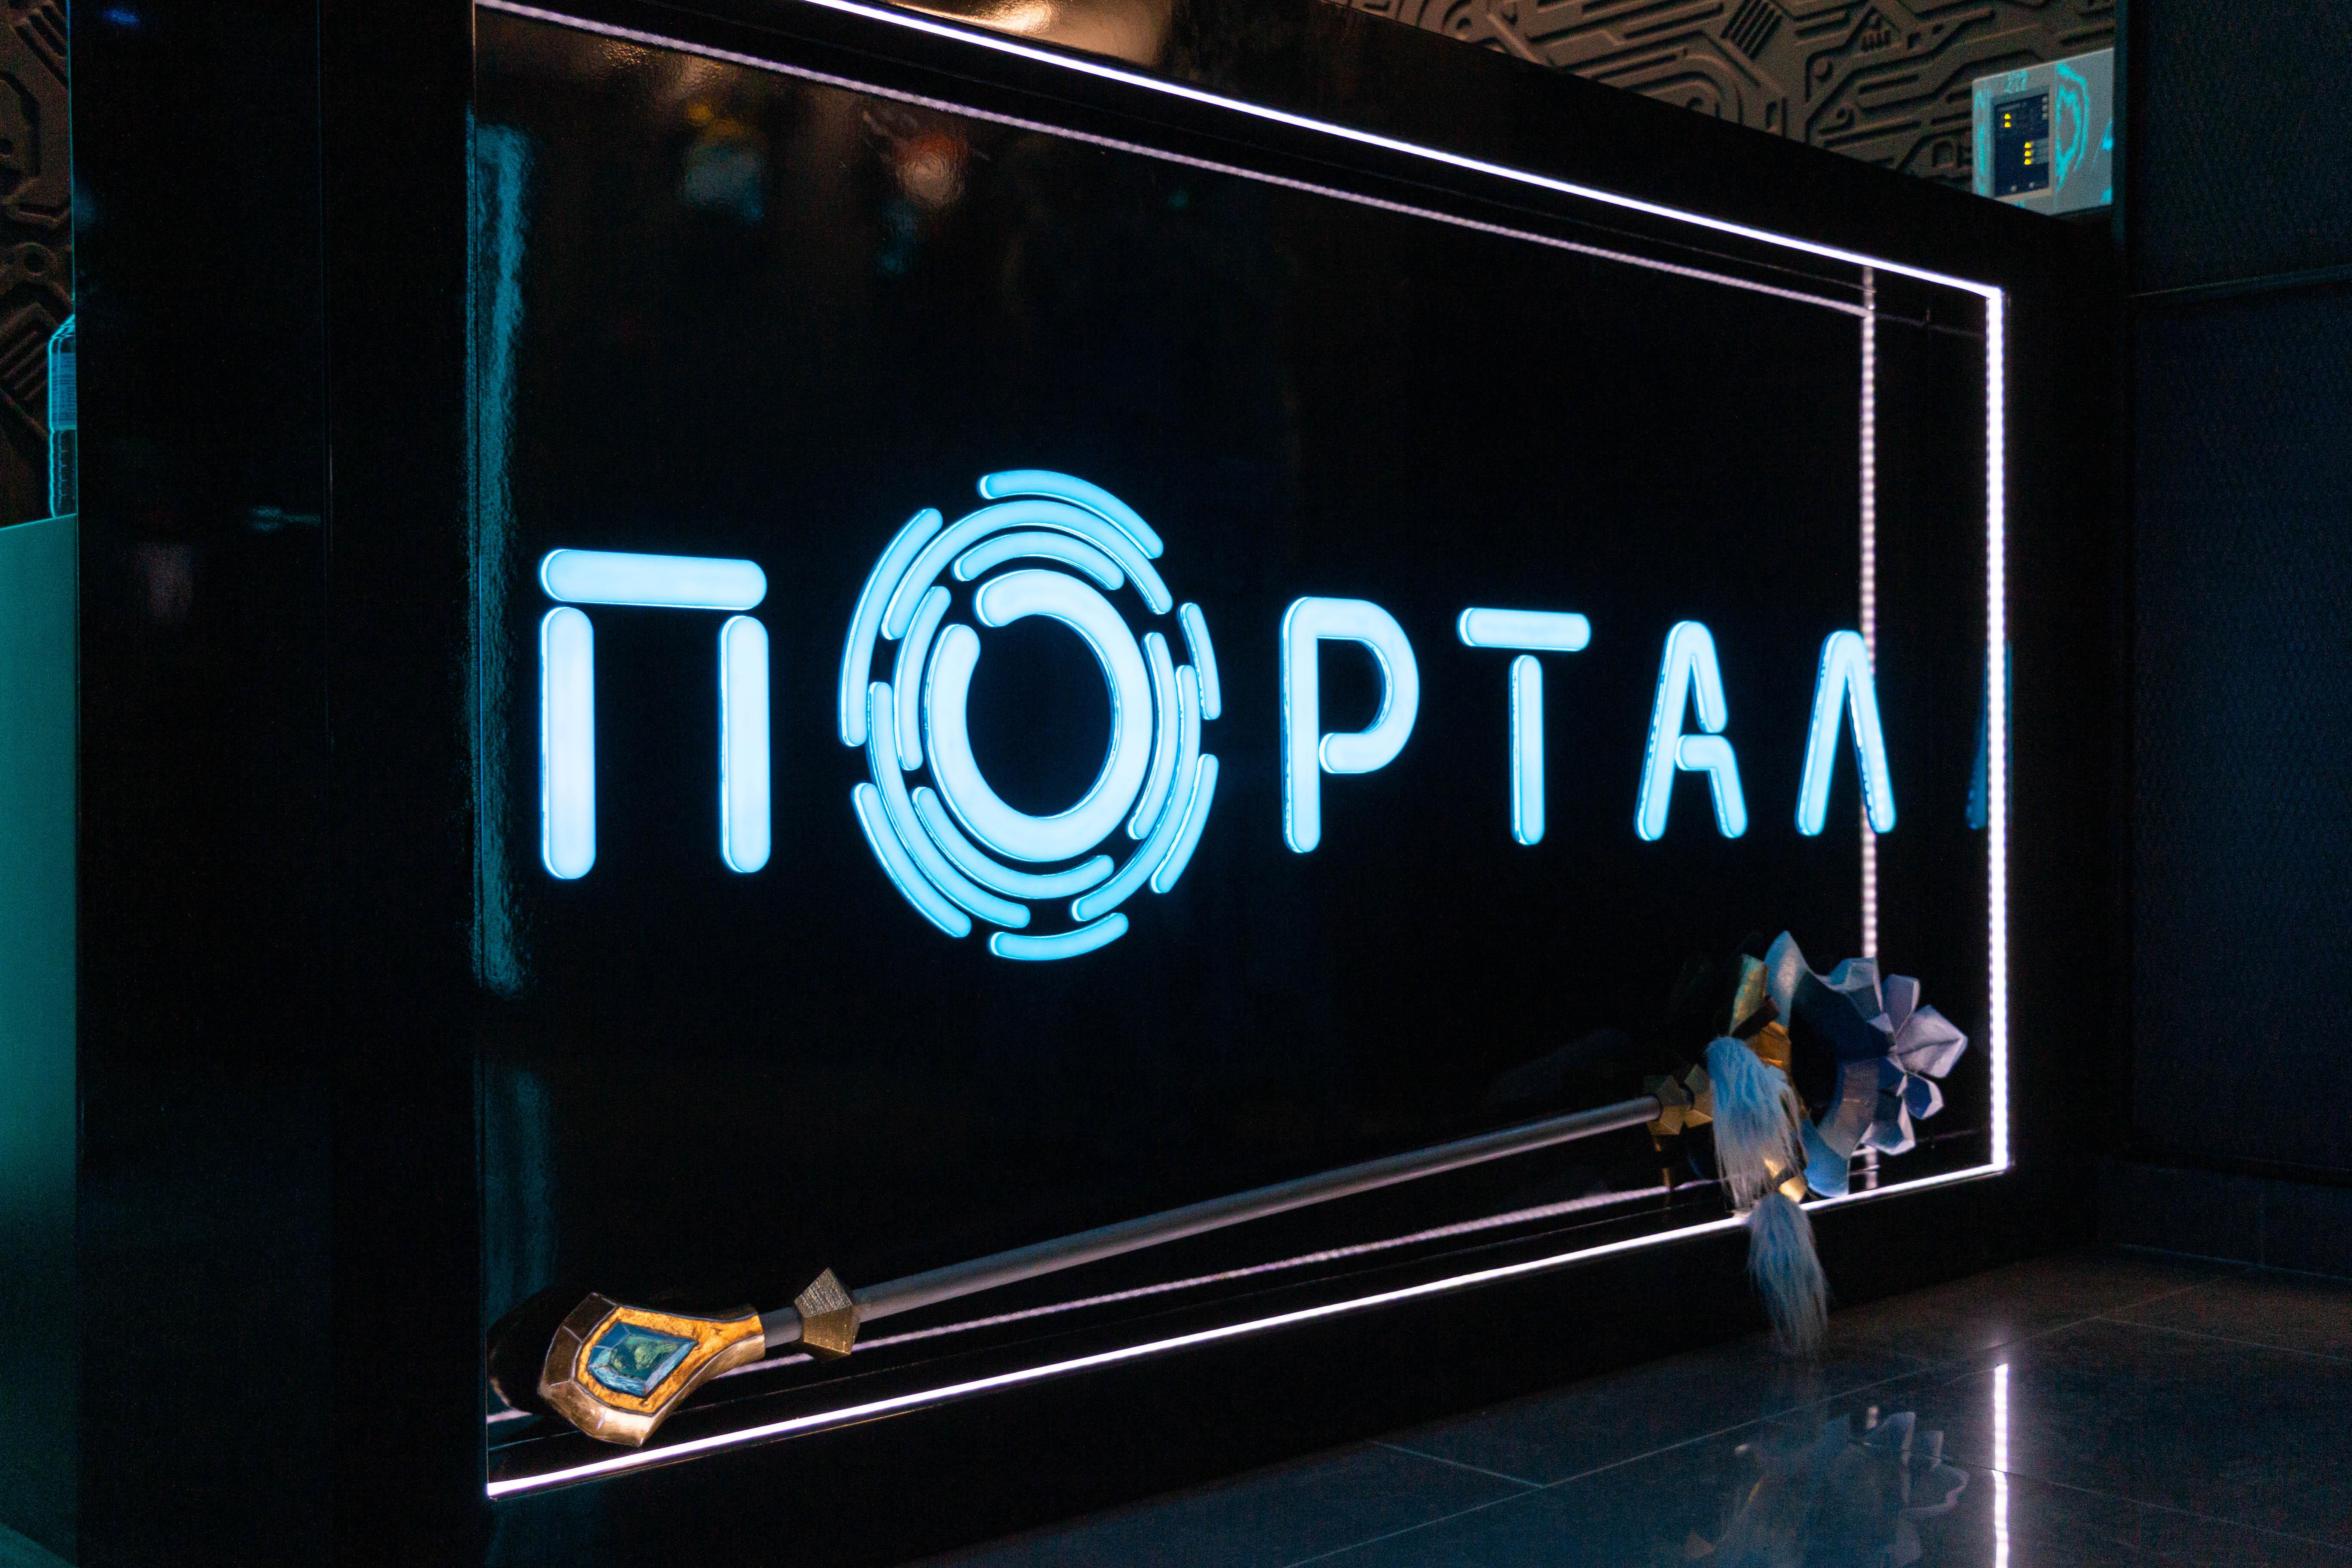 Портал компьютерный клуб москва программы ночные клубы москвы